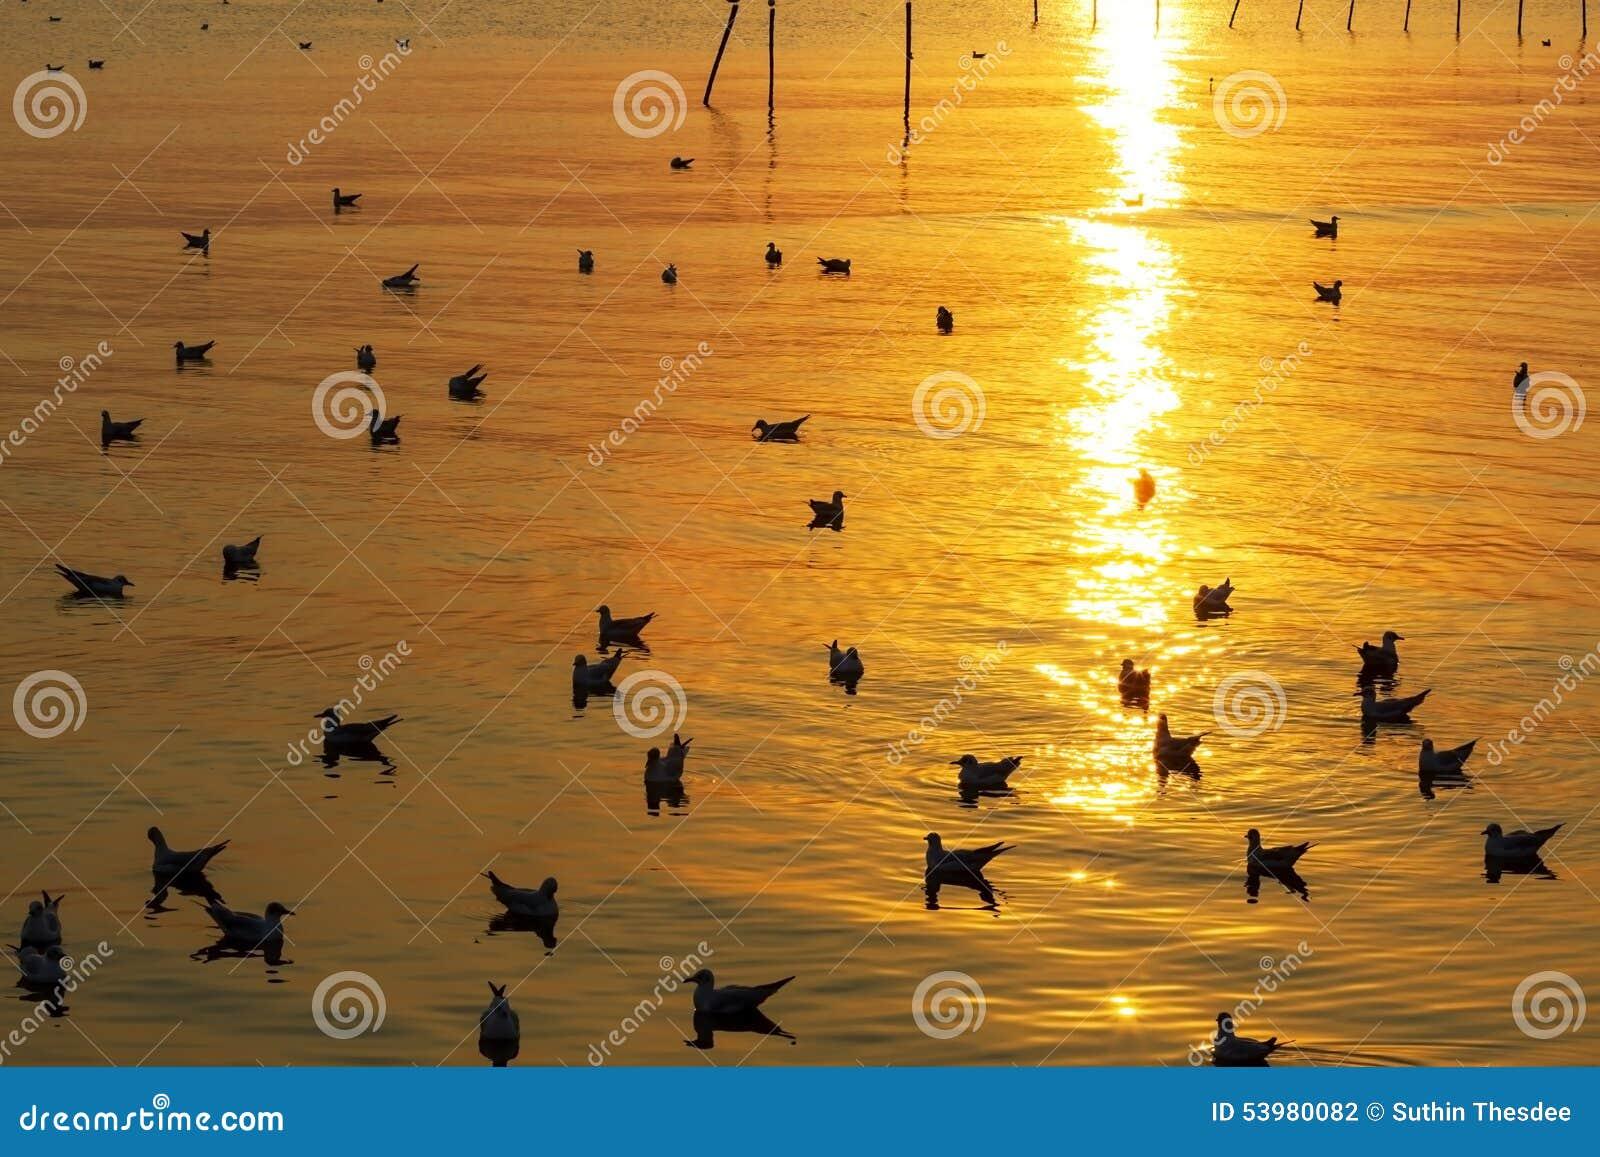 Light golden sunest seagull